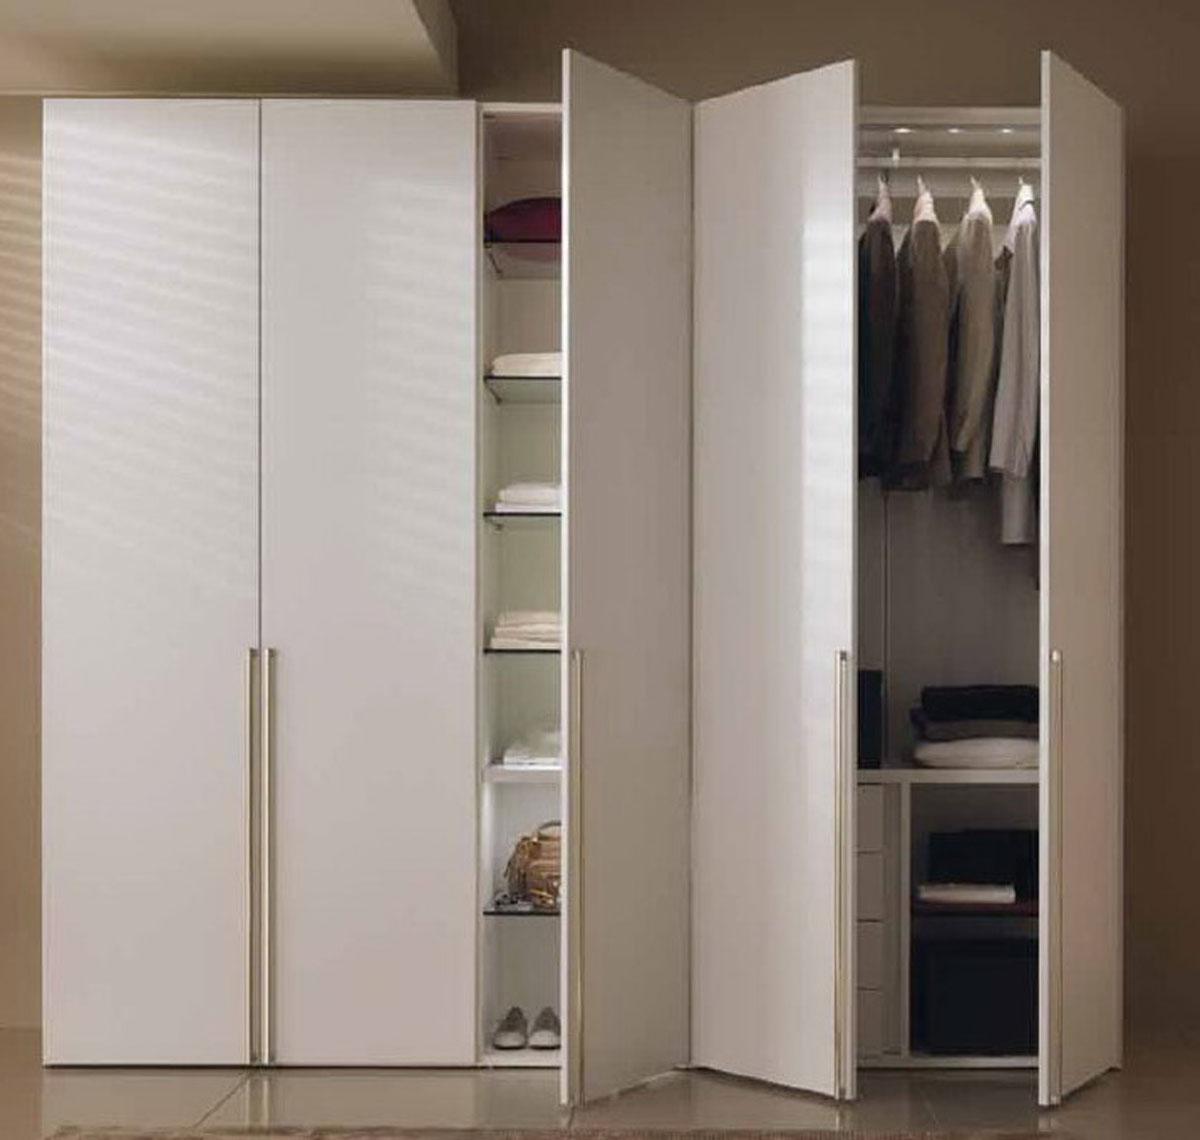 Купить распашной шкаф (угловой, двух-, техстворчатый) в сева.